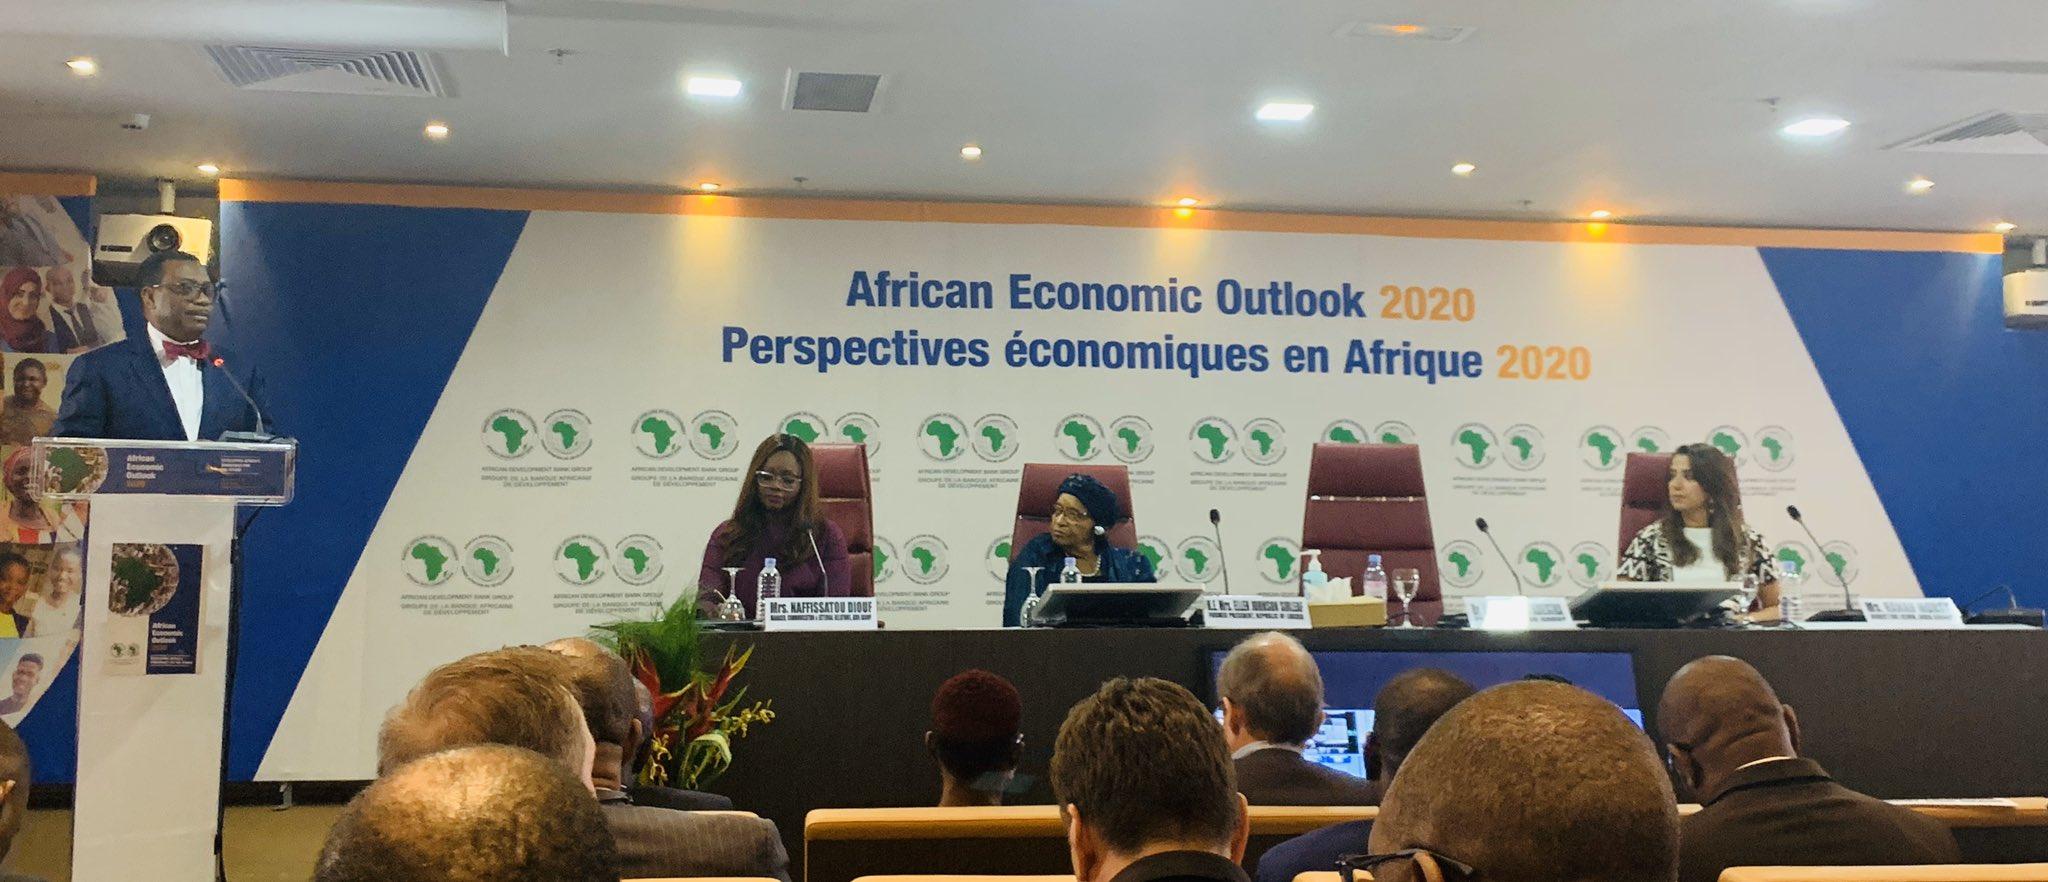 Perspectives économiques en Afrique : D'après la BAD, la croissance du PIB du continent devrait s'accélérer pour atteindre 3,9% en 2020